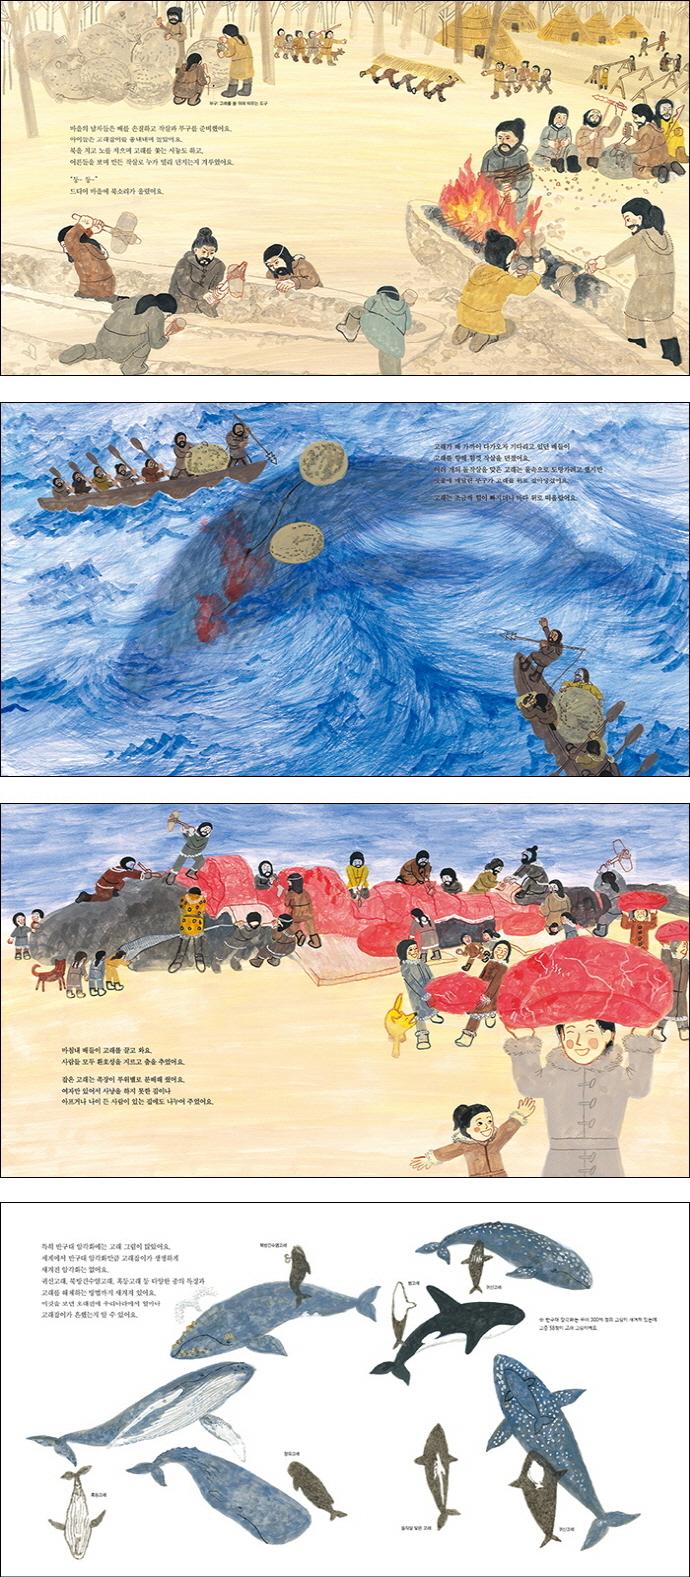 반구대 암각화 바위에 새긴 고래 이야기(자랑스러운 우리 문화 11)(양장본 HardCover) 도서 상세이미지